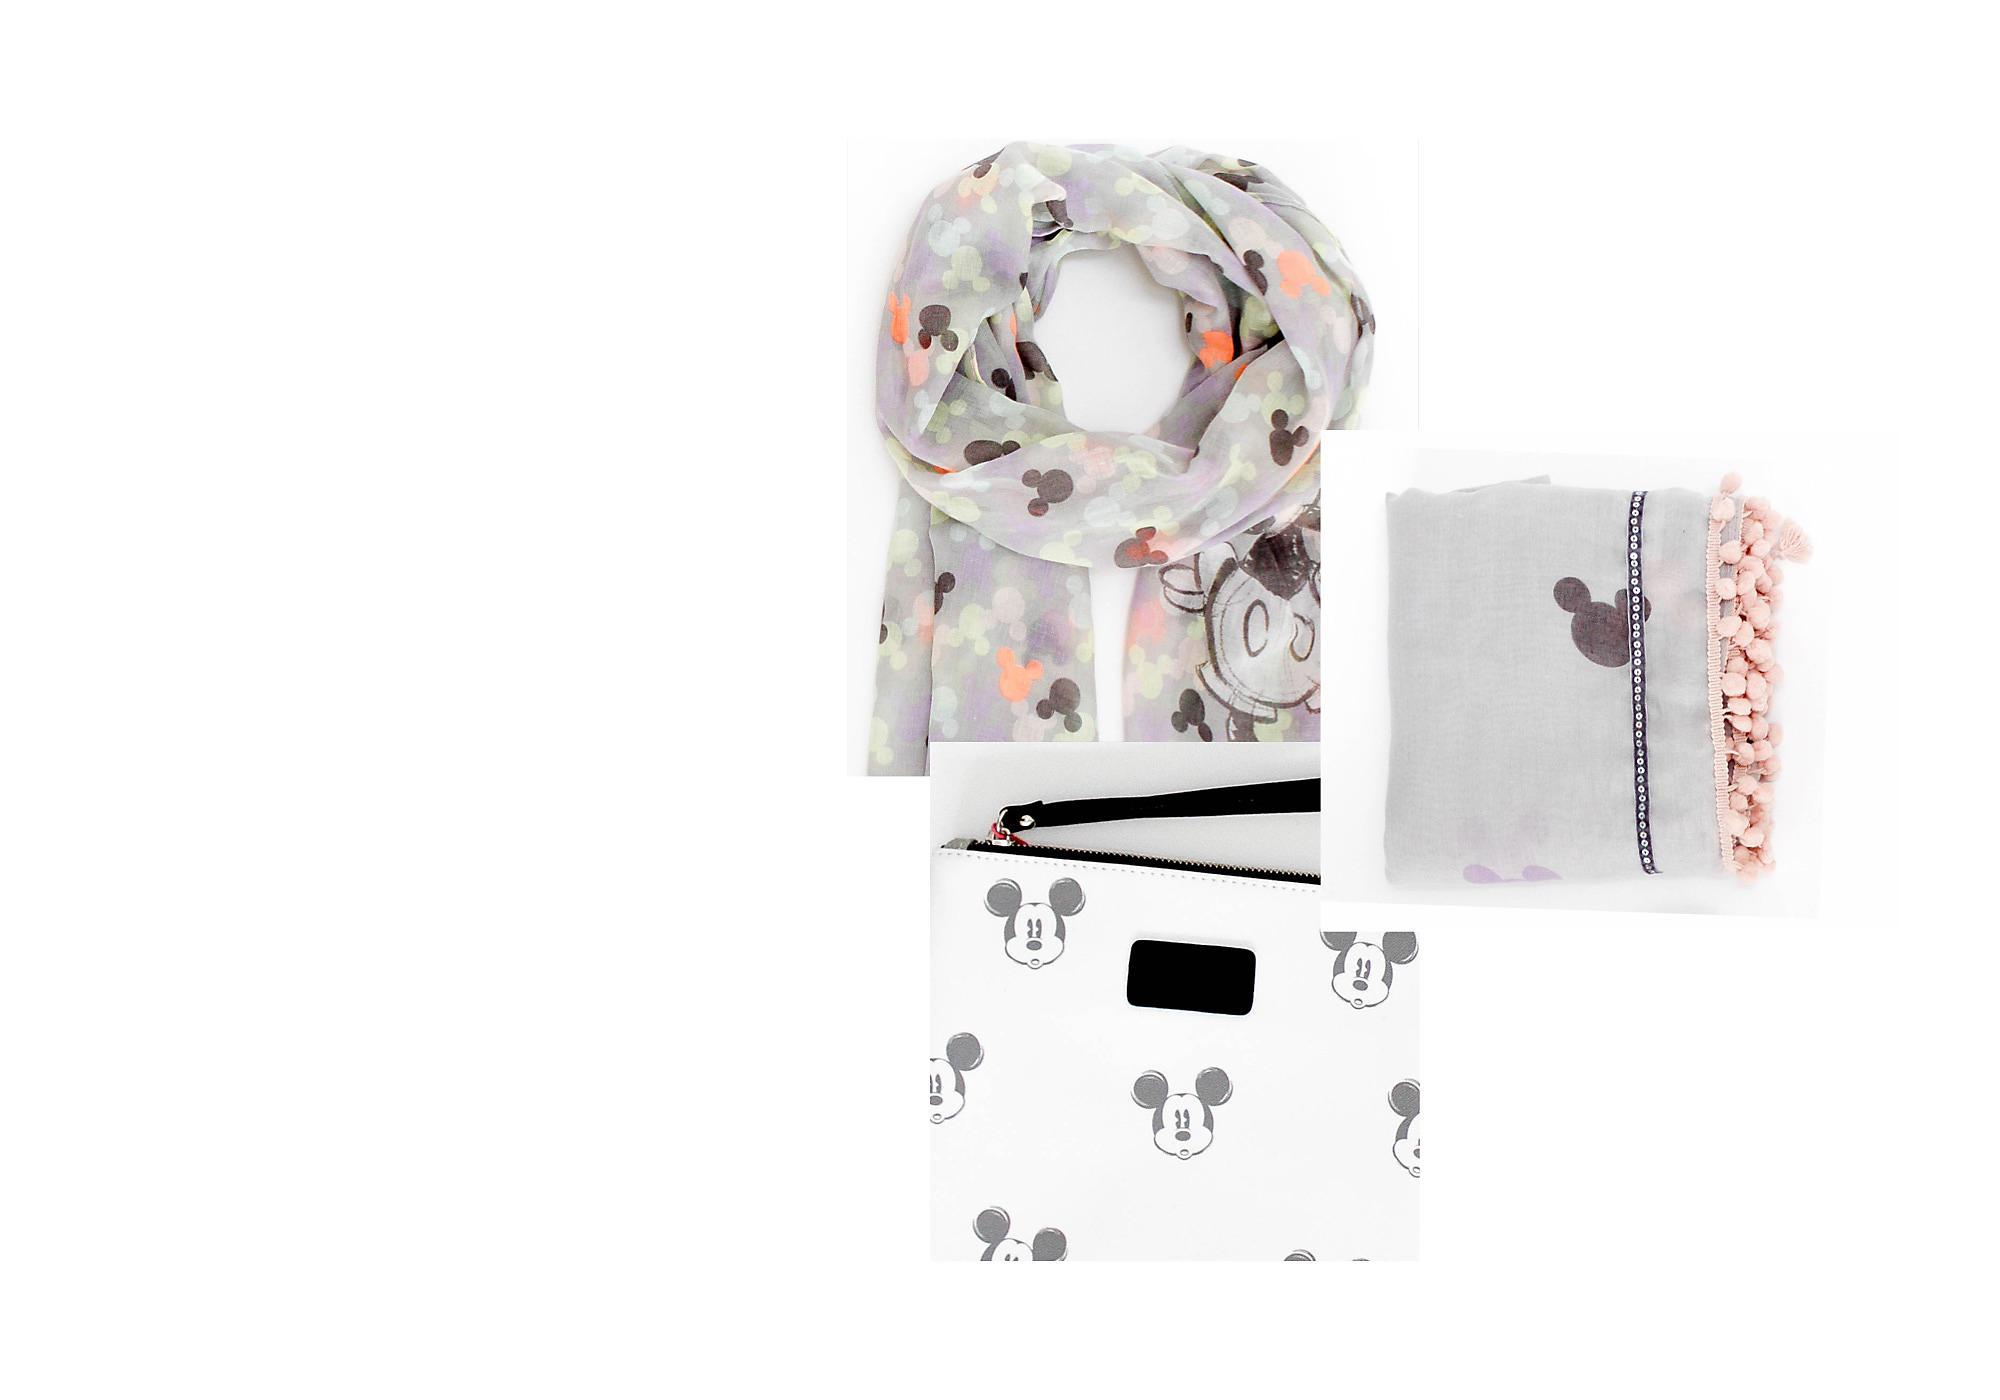 Des accessoires irrésistibles Connue pour être une marque pleine de joie de vivre, Codello fusionne son style élégant avec les personnages classiques de Disney pour créer de fabuleux accessoires pour femmes